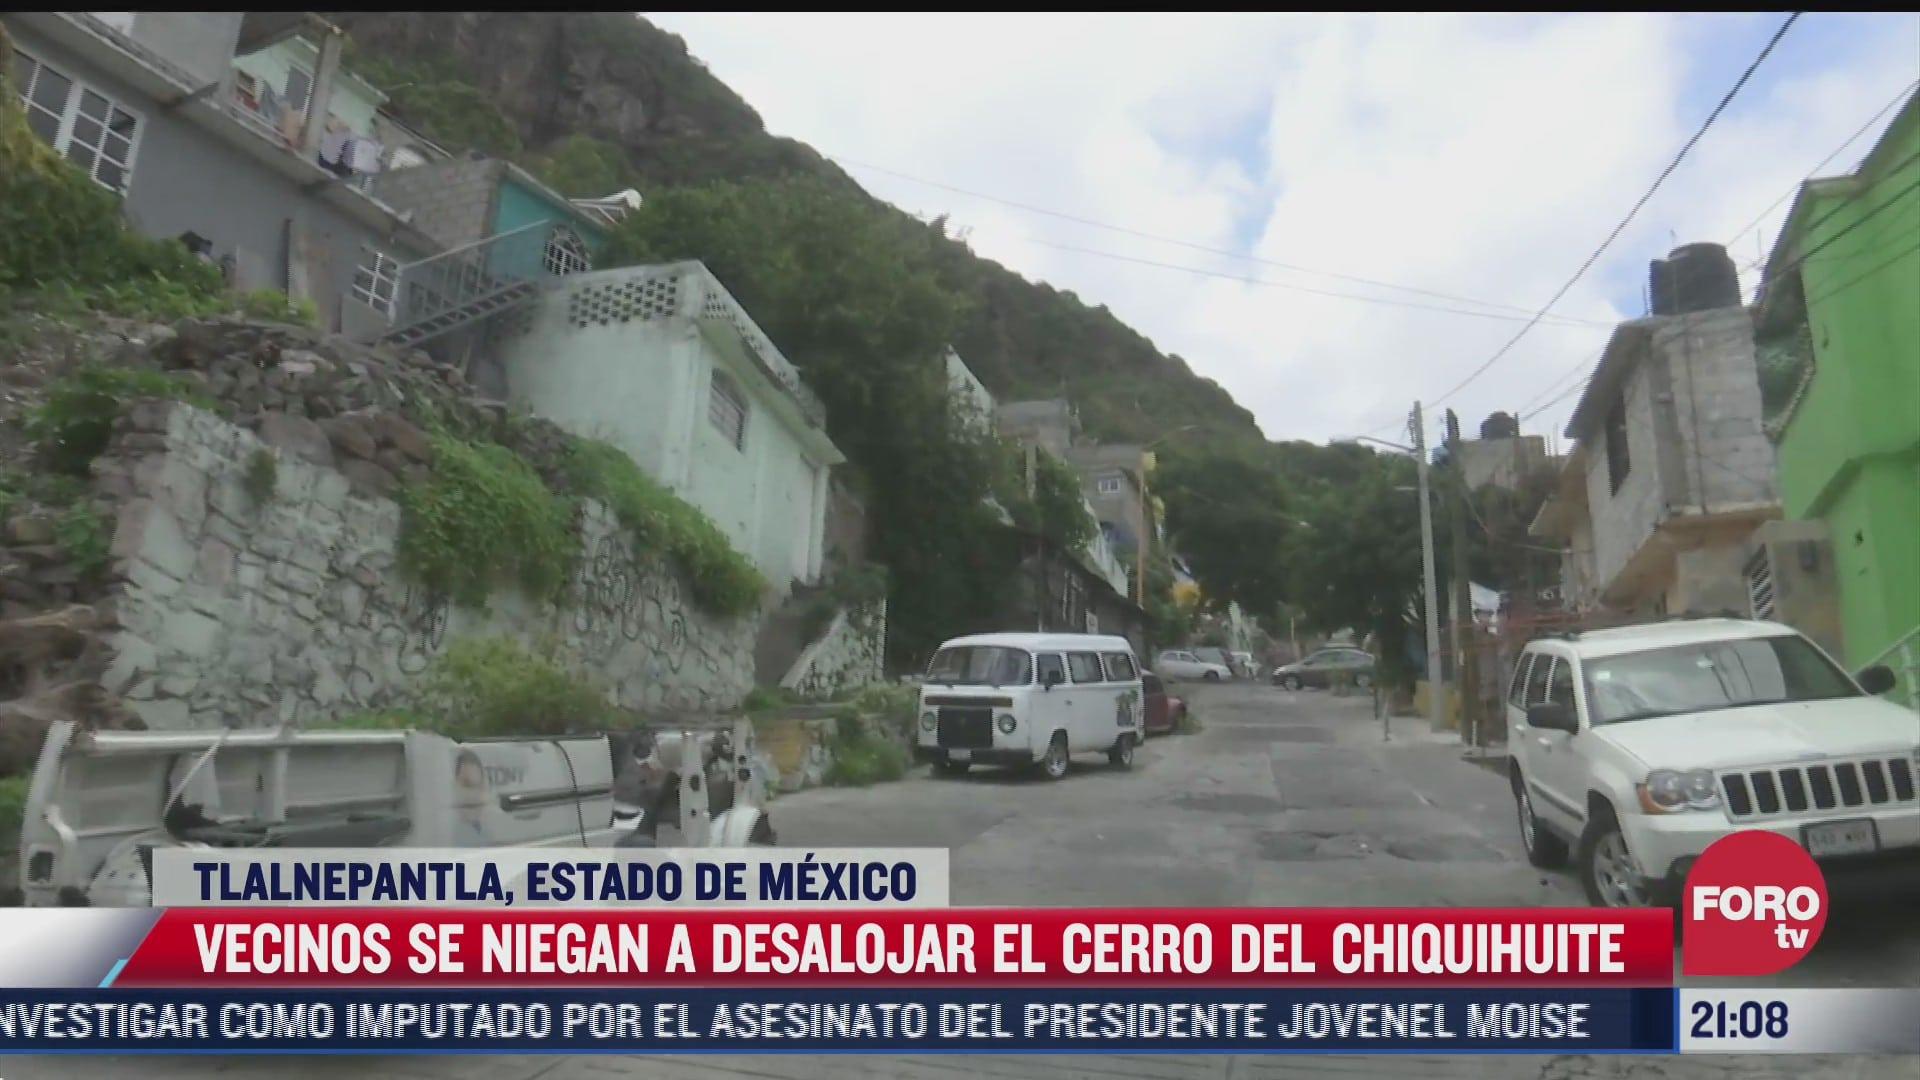 habitantes del barrio huaraches se niegan a dejar sus hogares pese al deslave del cerro de chiquihuite